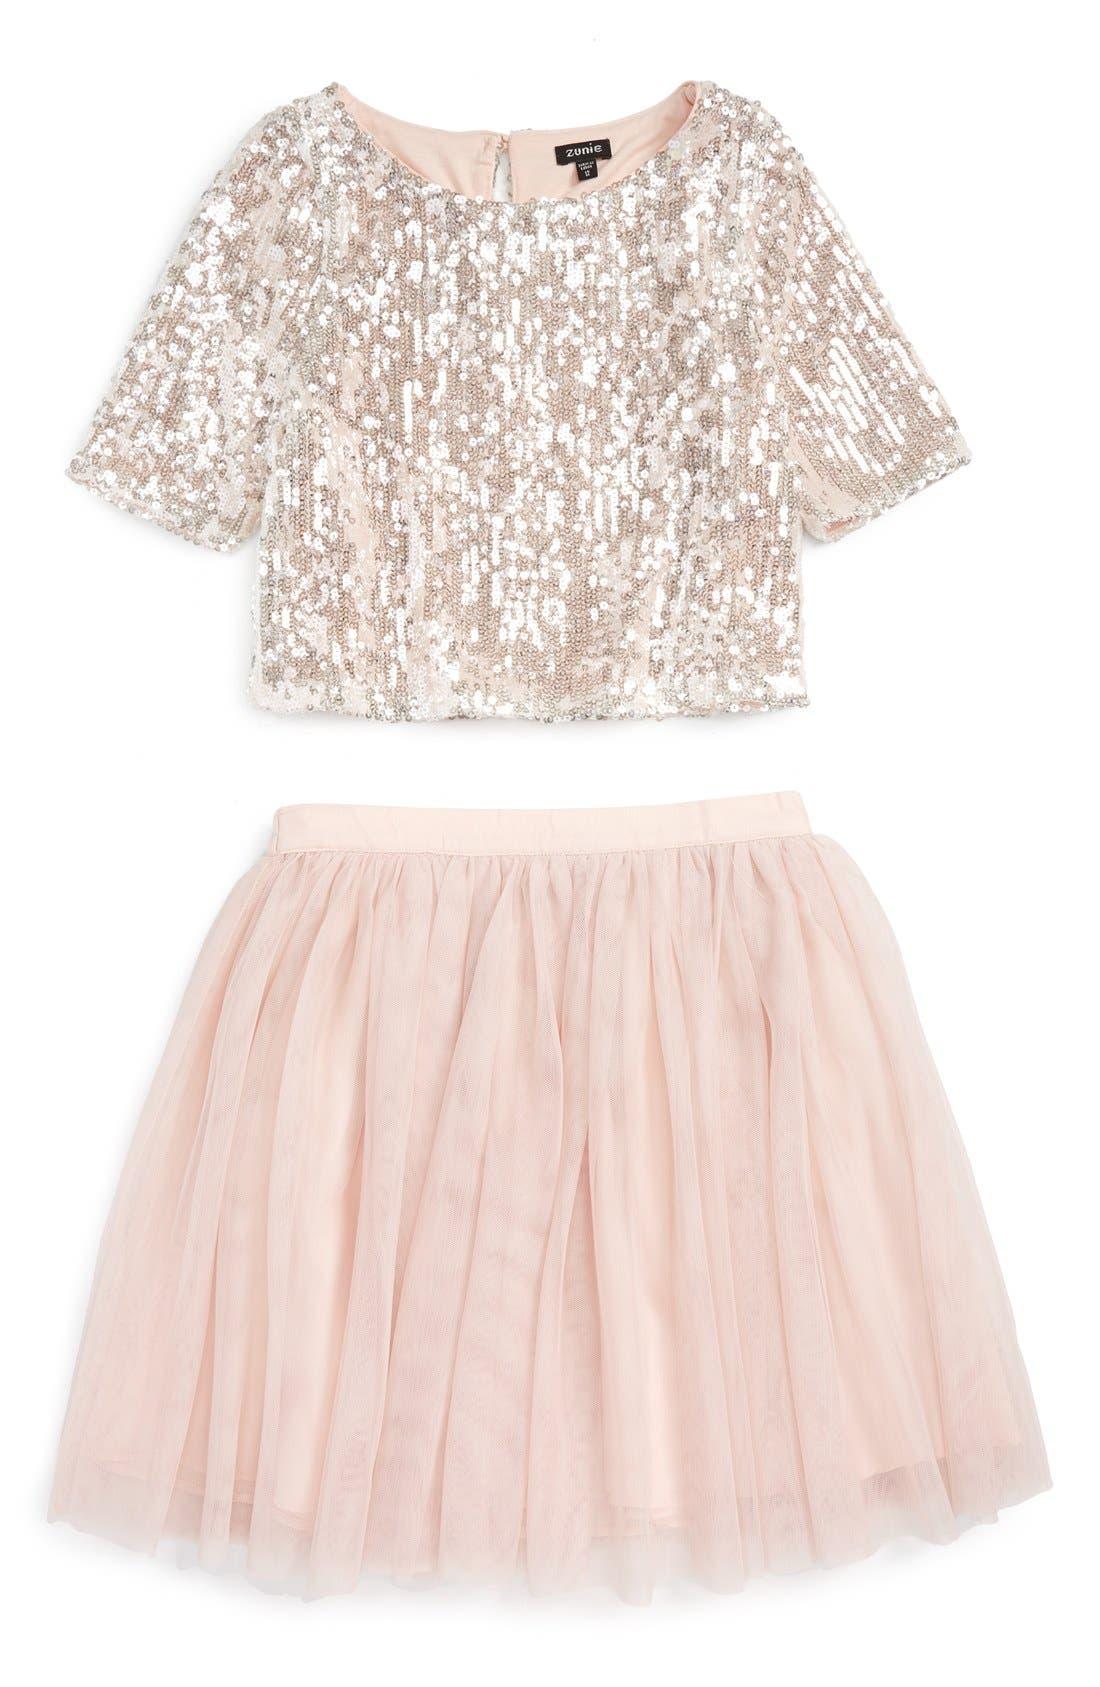 Main Image - Zunie Sequin 'Meet & Greet' Top & Tulle Skirt Set (Big Girls)